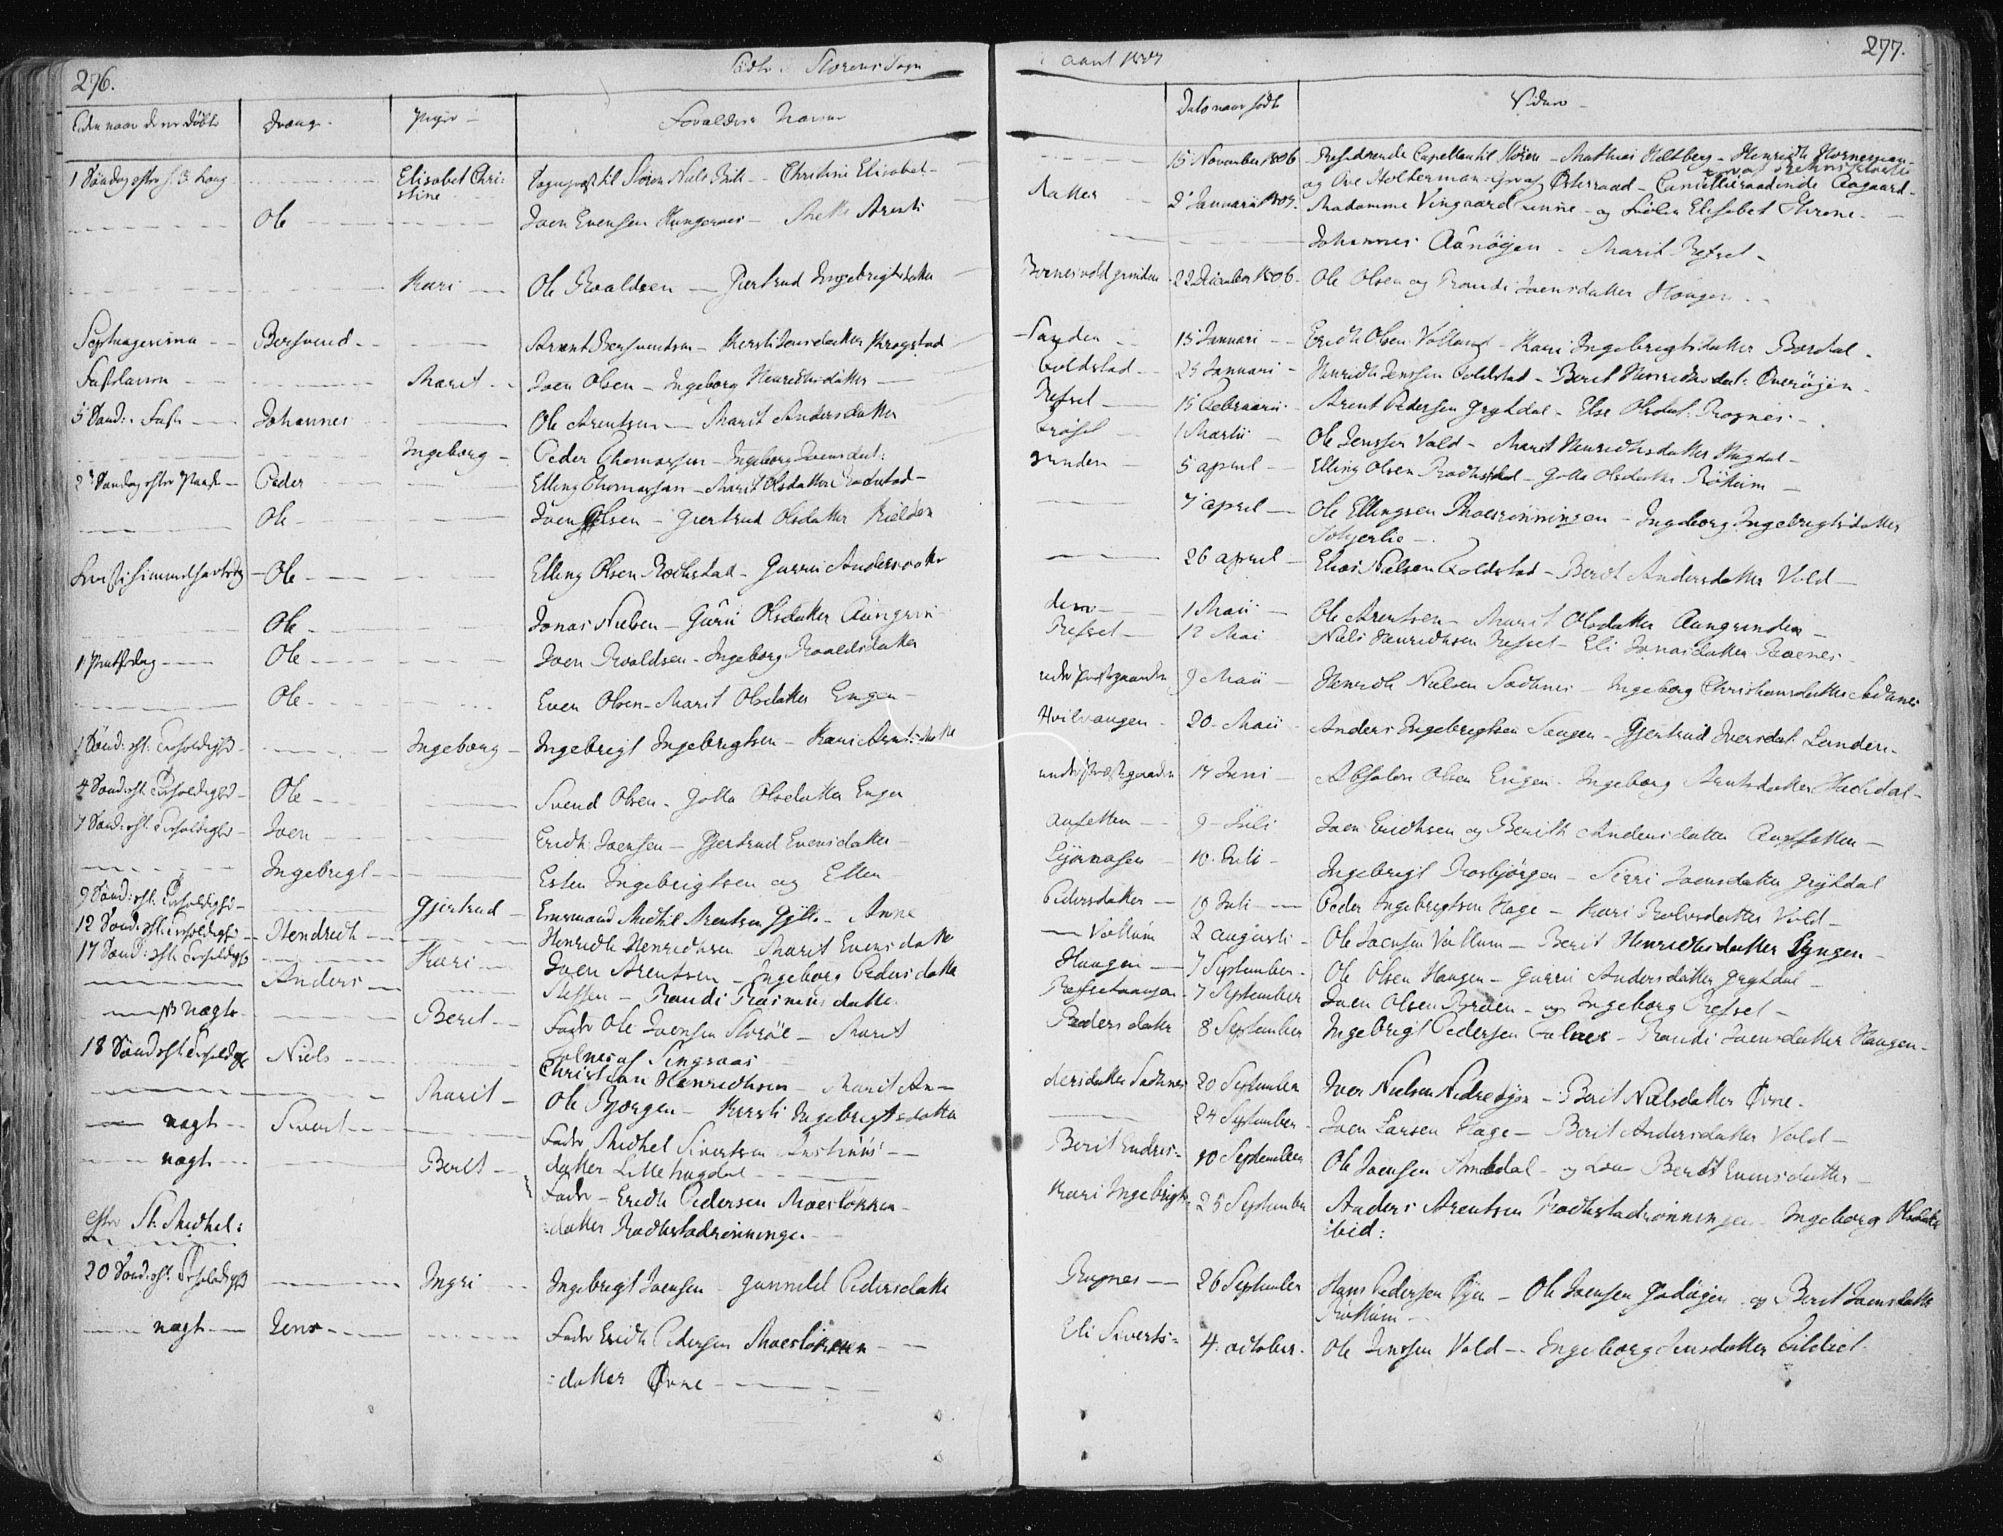 SAT, Ministerialprotokoller, klokkerbøker og fødselsregistre - Sør-Trøndelag, 687/L0992: Ministerialbok nr. 687A03 /1, 1788-1815, s. 276-277